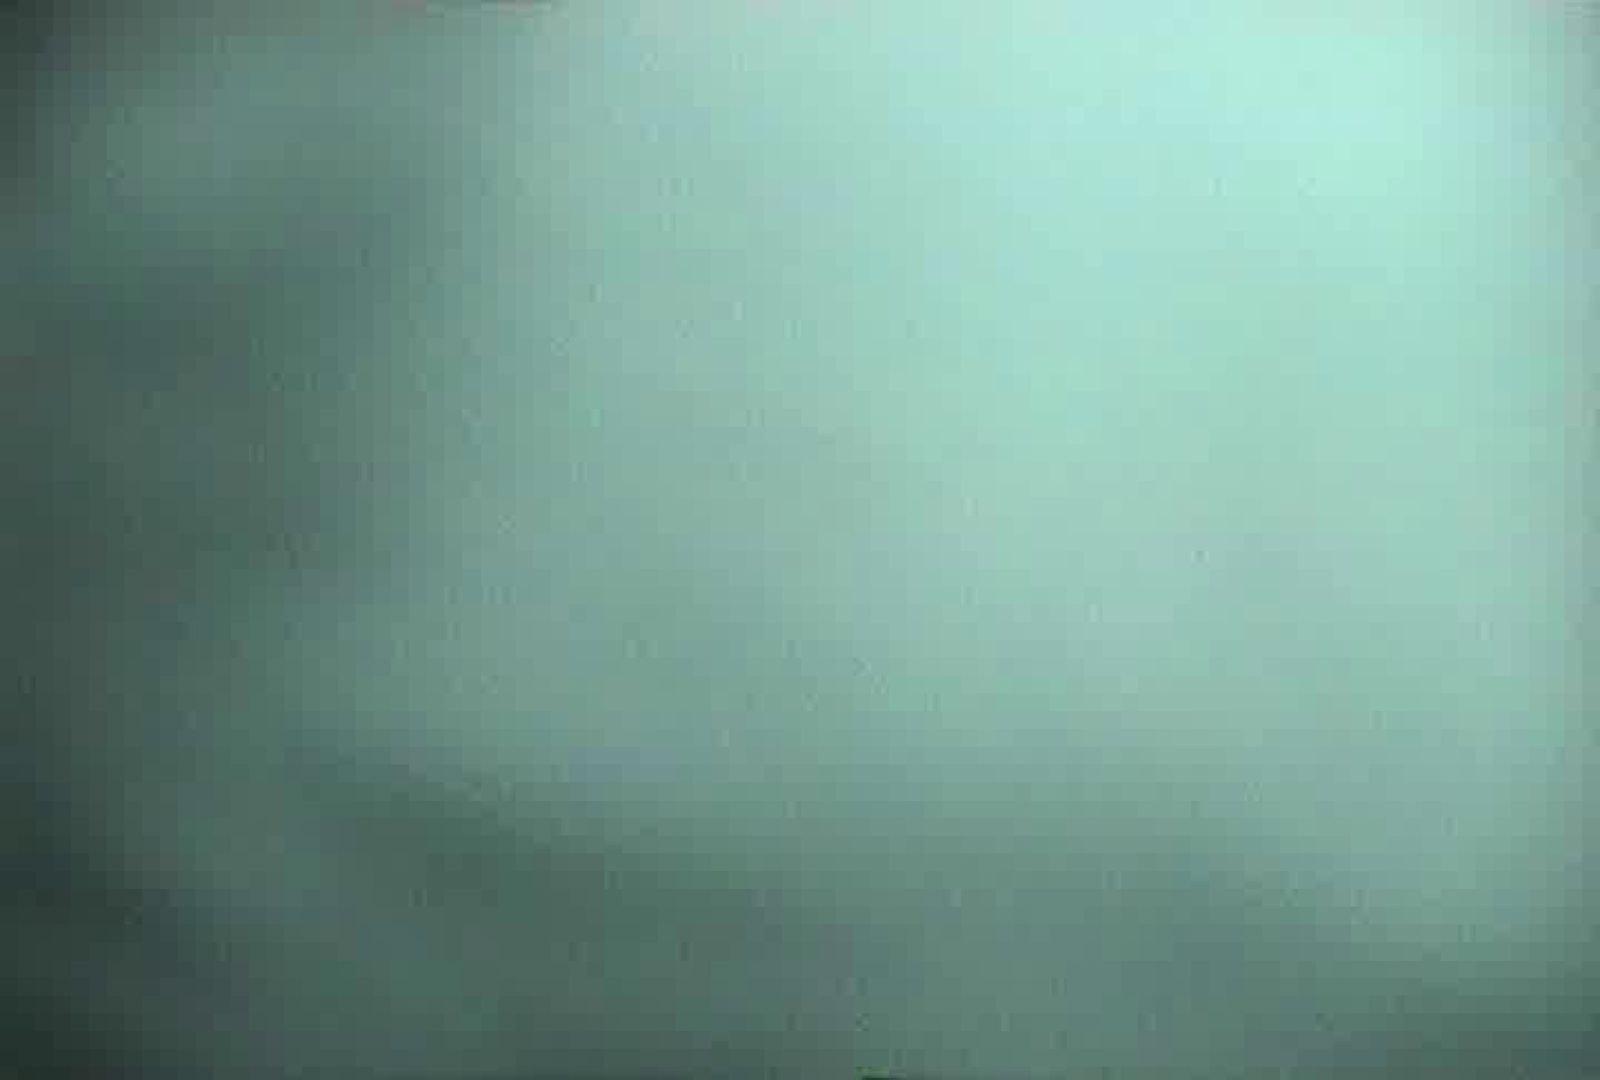 充血監督の深夜の運動会Vol.68 クンニ おめこ無修正画像 59画像 47